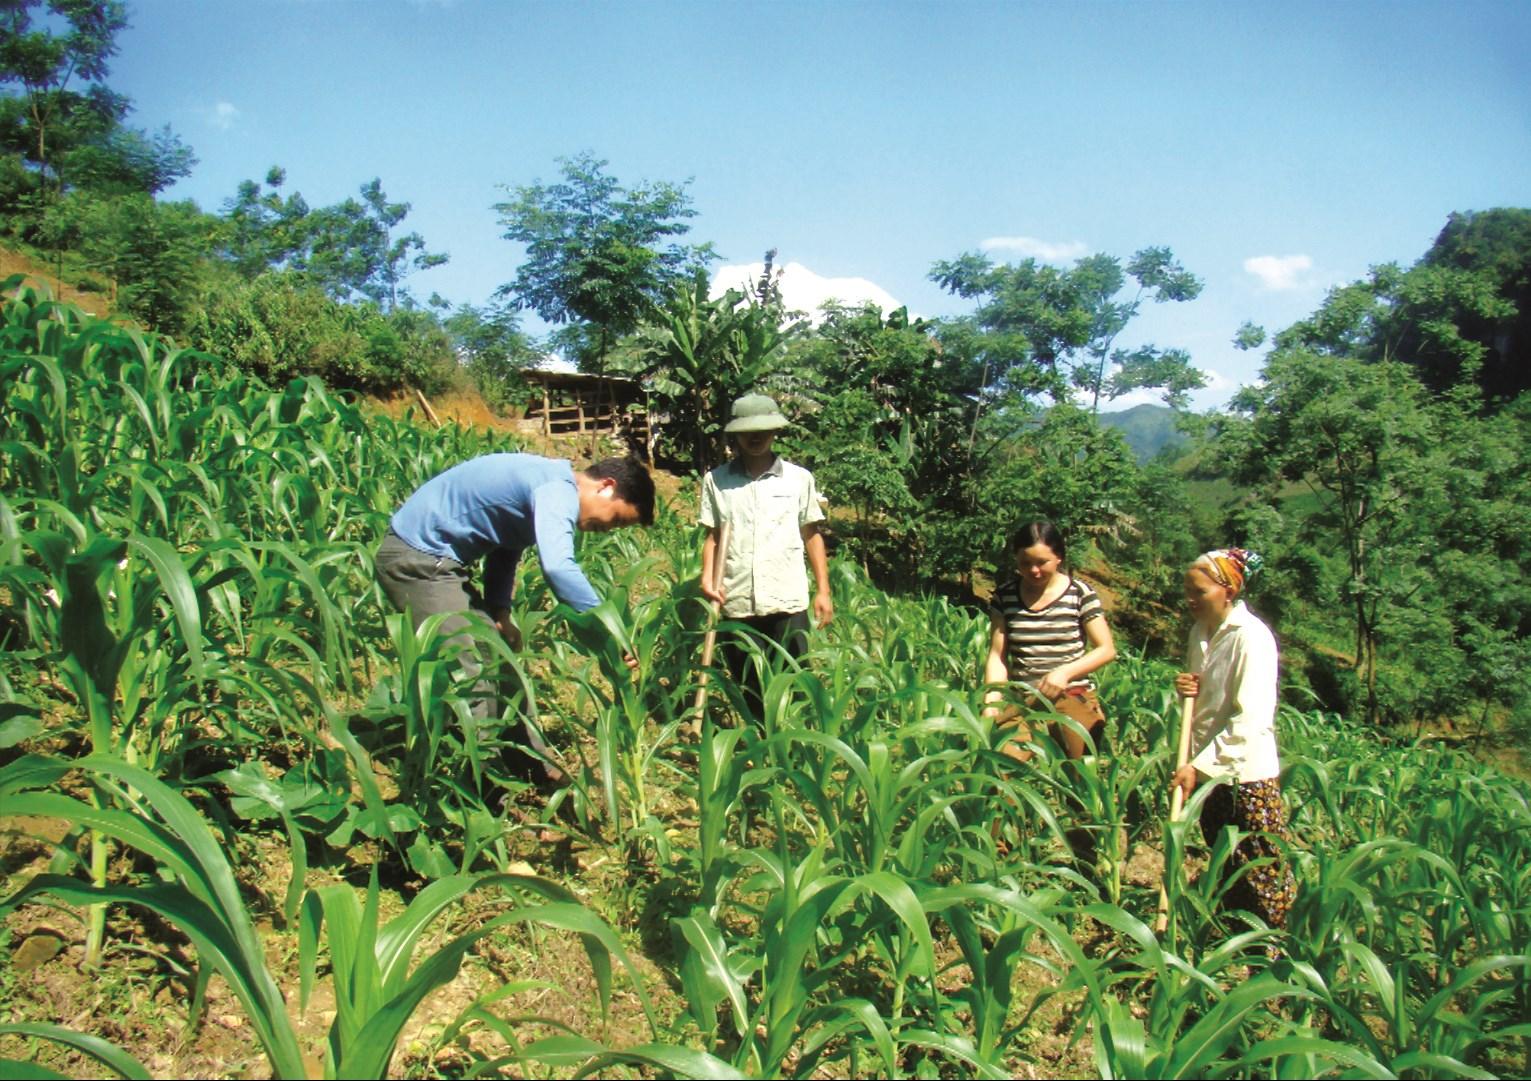 Đồng bào DTTS huyện vùng cao Pắc Nặm (Bắc Kạn) thay đổi cơ cấu cây trồng bằng những giống mới, mang lại hiệu quả kinh tế cao.